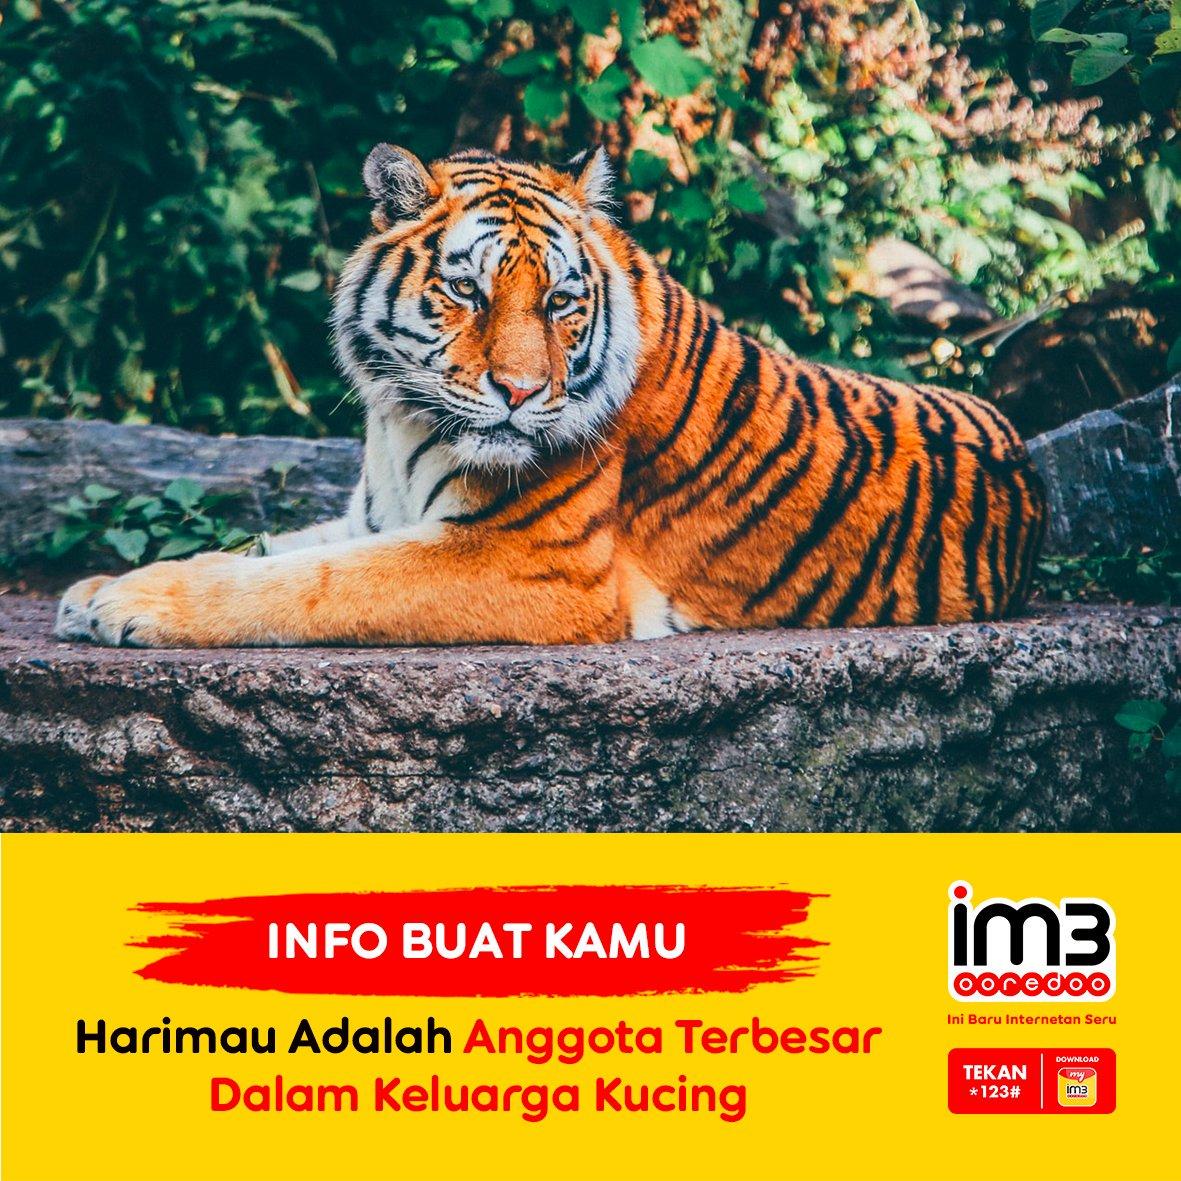 46 Koleksi Download Gambar Hewan Harimau Terbaik